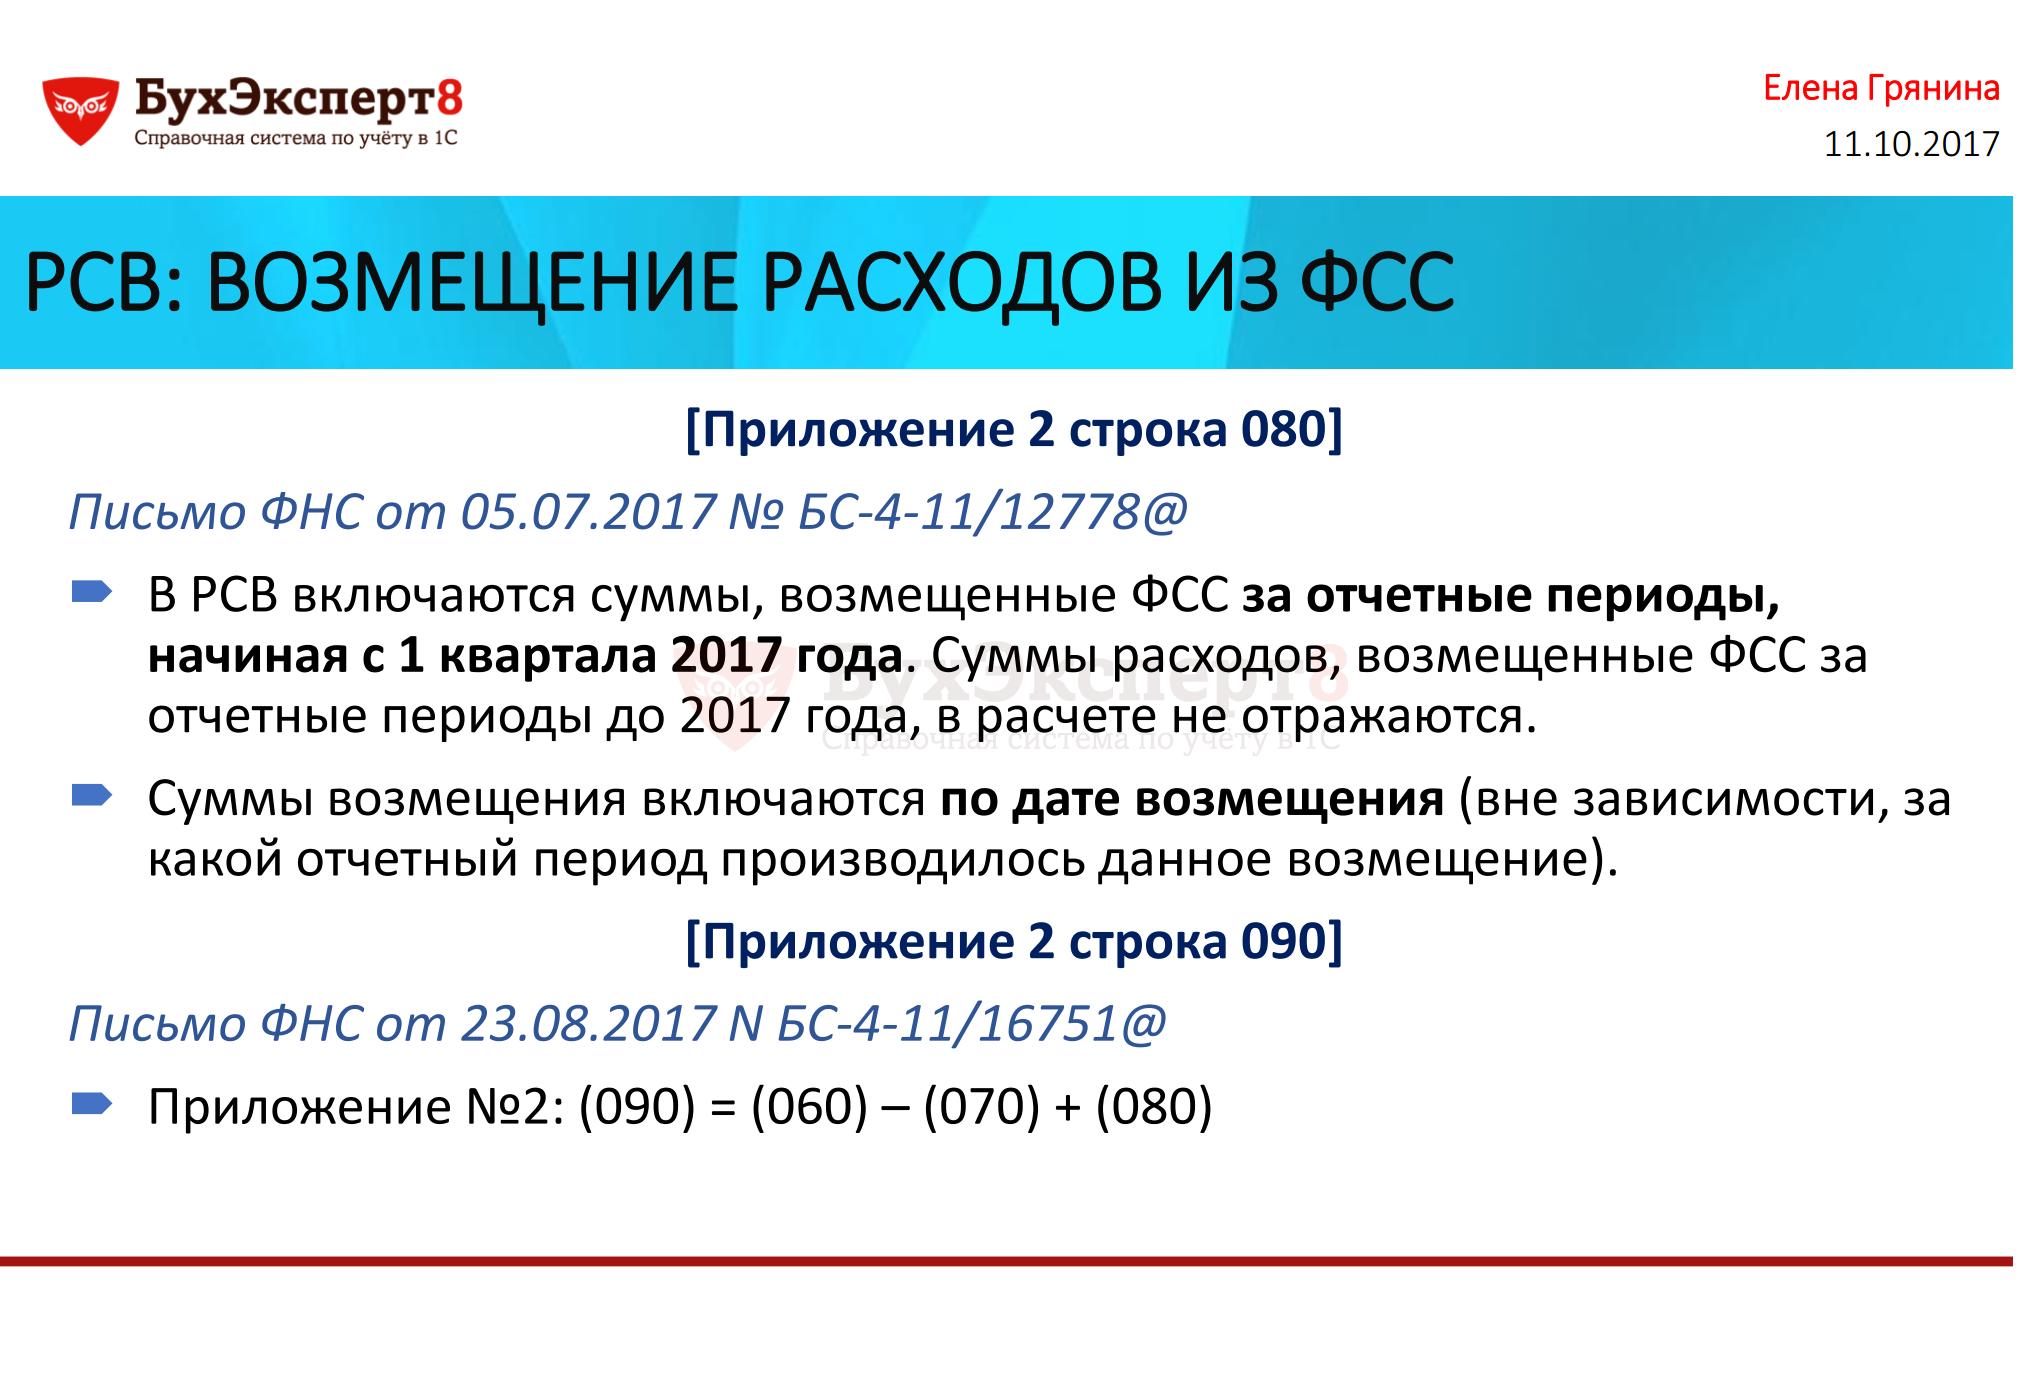 РСВ: ВОЗМЕЩЕНИЕ РАСХОДОВ ИЗ ФСС [Приложение 2 строка 080] Письмо ФНС от 05.07.2017 № БС-4-11/12778@ В РСВ включаются суммы, возмещенные ФСС за отчетные периоды, начиная с 1 квартала 2017 года. Суммы расходов, возмещенные ФСС за отчетные периоды до 2017 года, в расчете не отражаются. Суммы возмещения включаются по дате возмещения (вне зависимости, за какой отчетный период производилось данное возмещение). [Приложение 2 строка 090] Письмо ФНС от 23.08.2017 N БС-4-11/16751@ Приложение №2: (090) = (060) – (070) + (080)